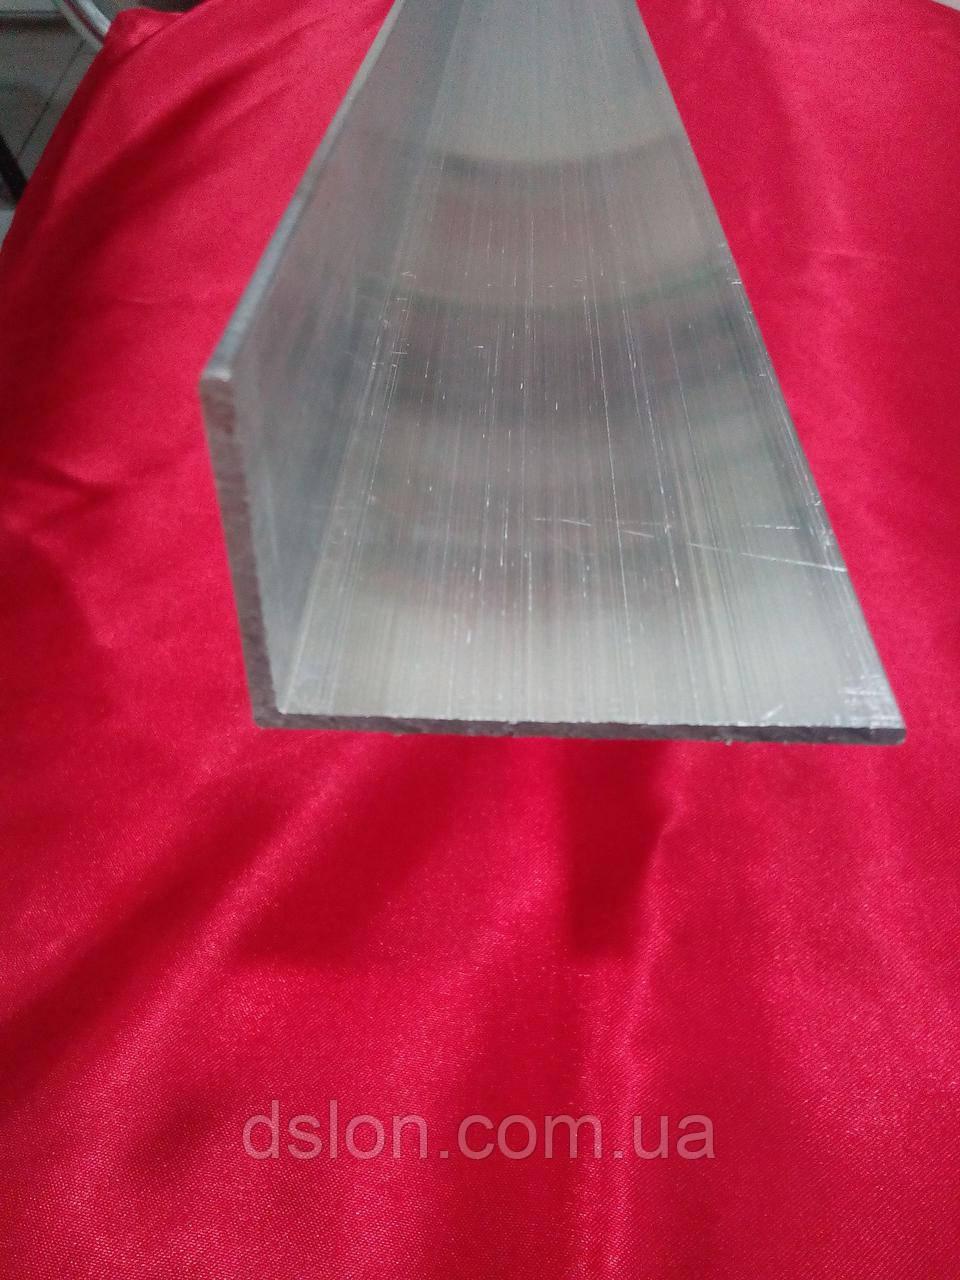 Угловой профиль 210*40*4 мм